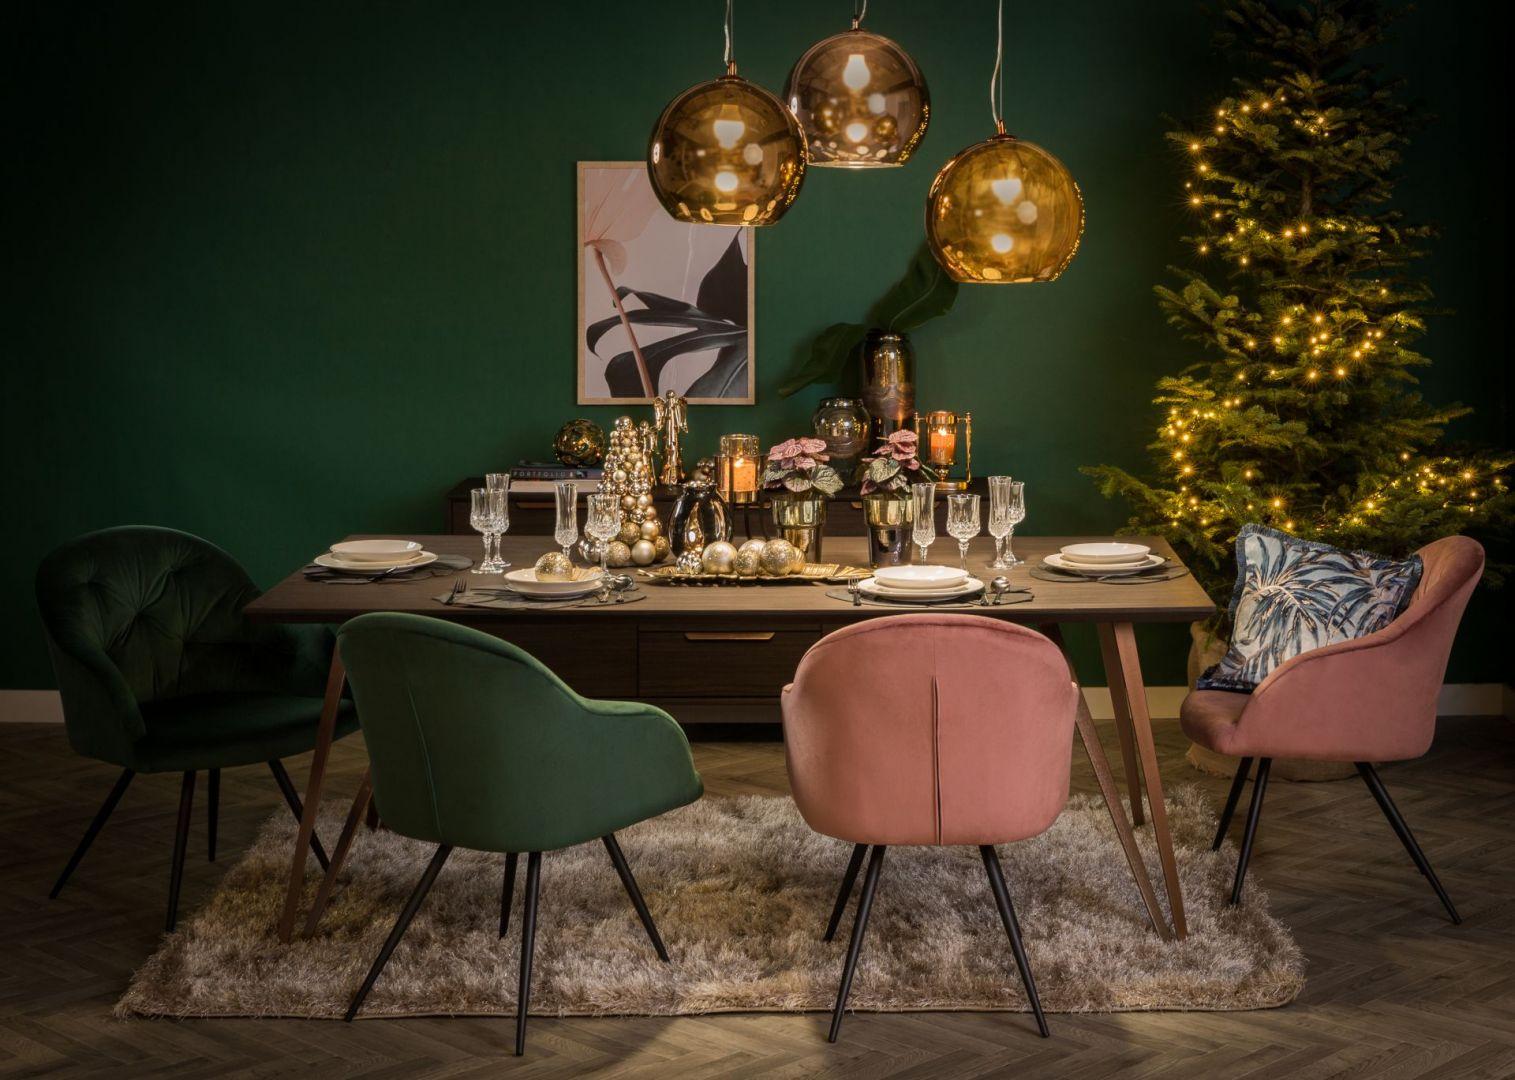 Złoto, ciemna zieleń i pudrowy róż - ciekawy i niebanalny pomysł na świąteczną aranżację stołu. Fot. Salony Agata